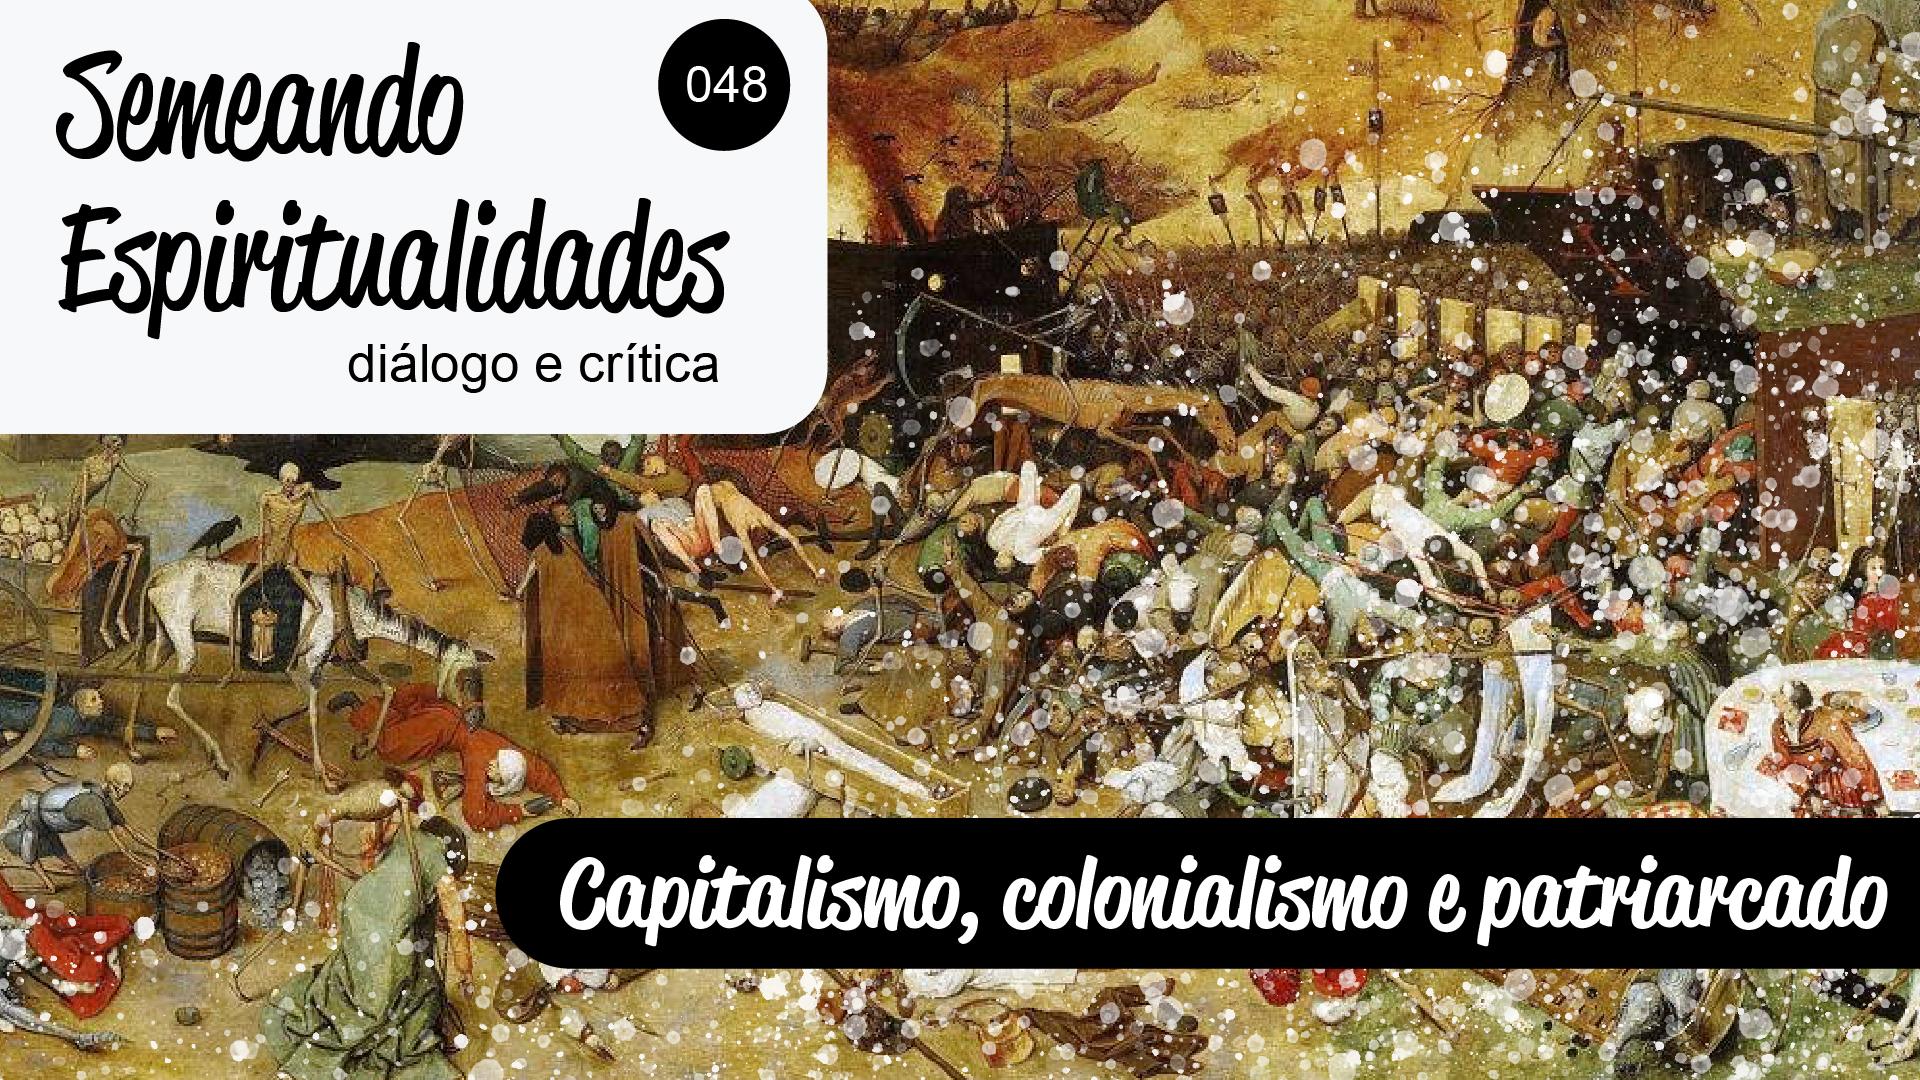 Semeando Espiritualidades 48 – Capitalismo, colonialismo e patriarcado